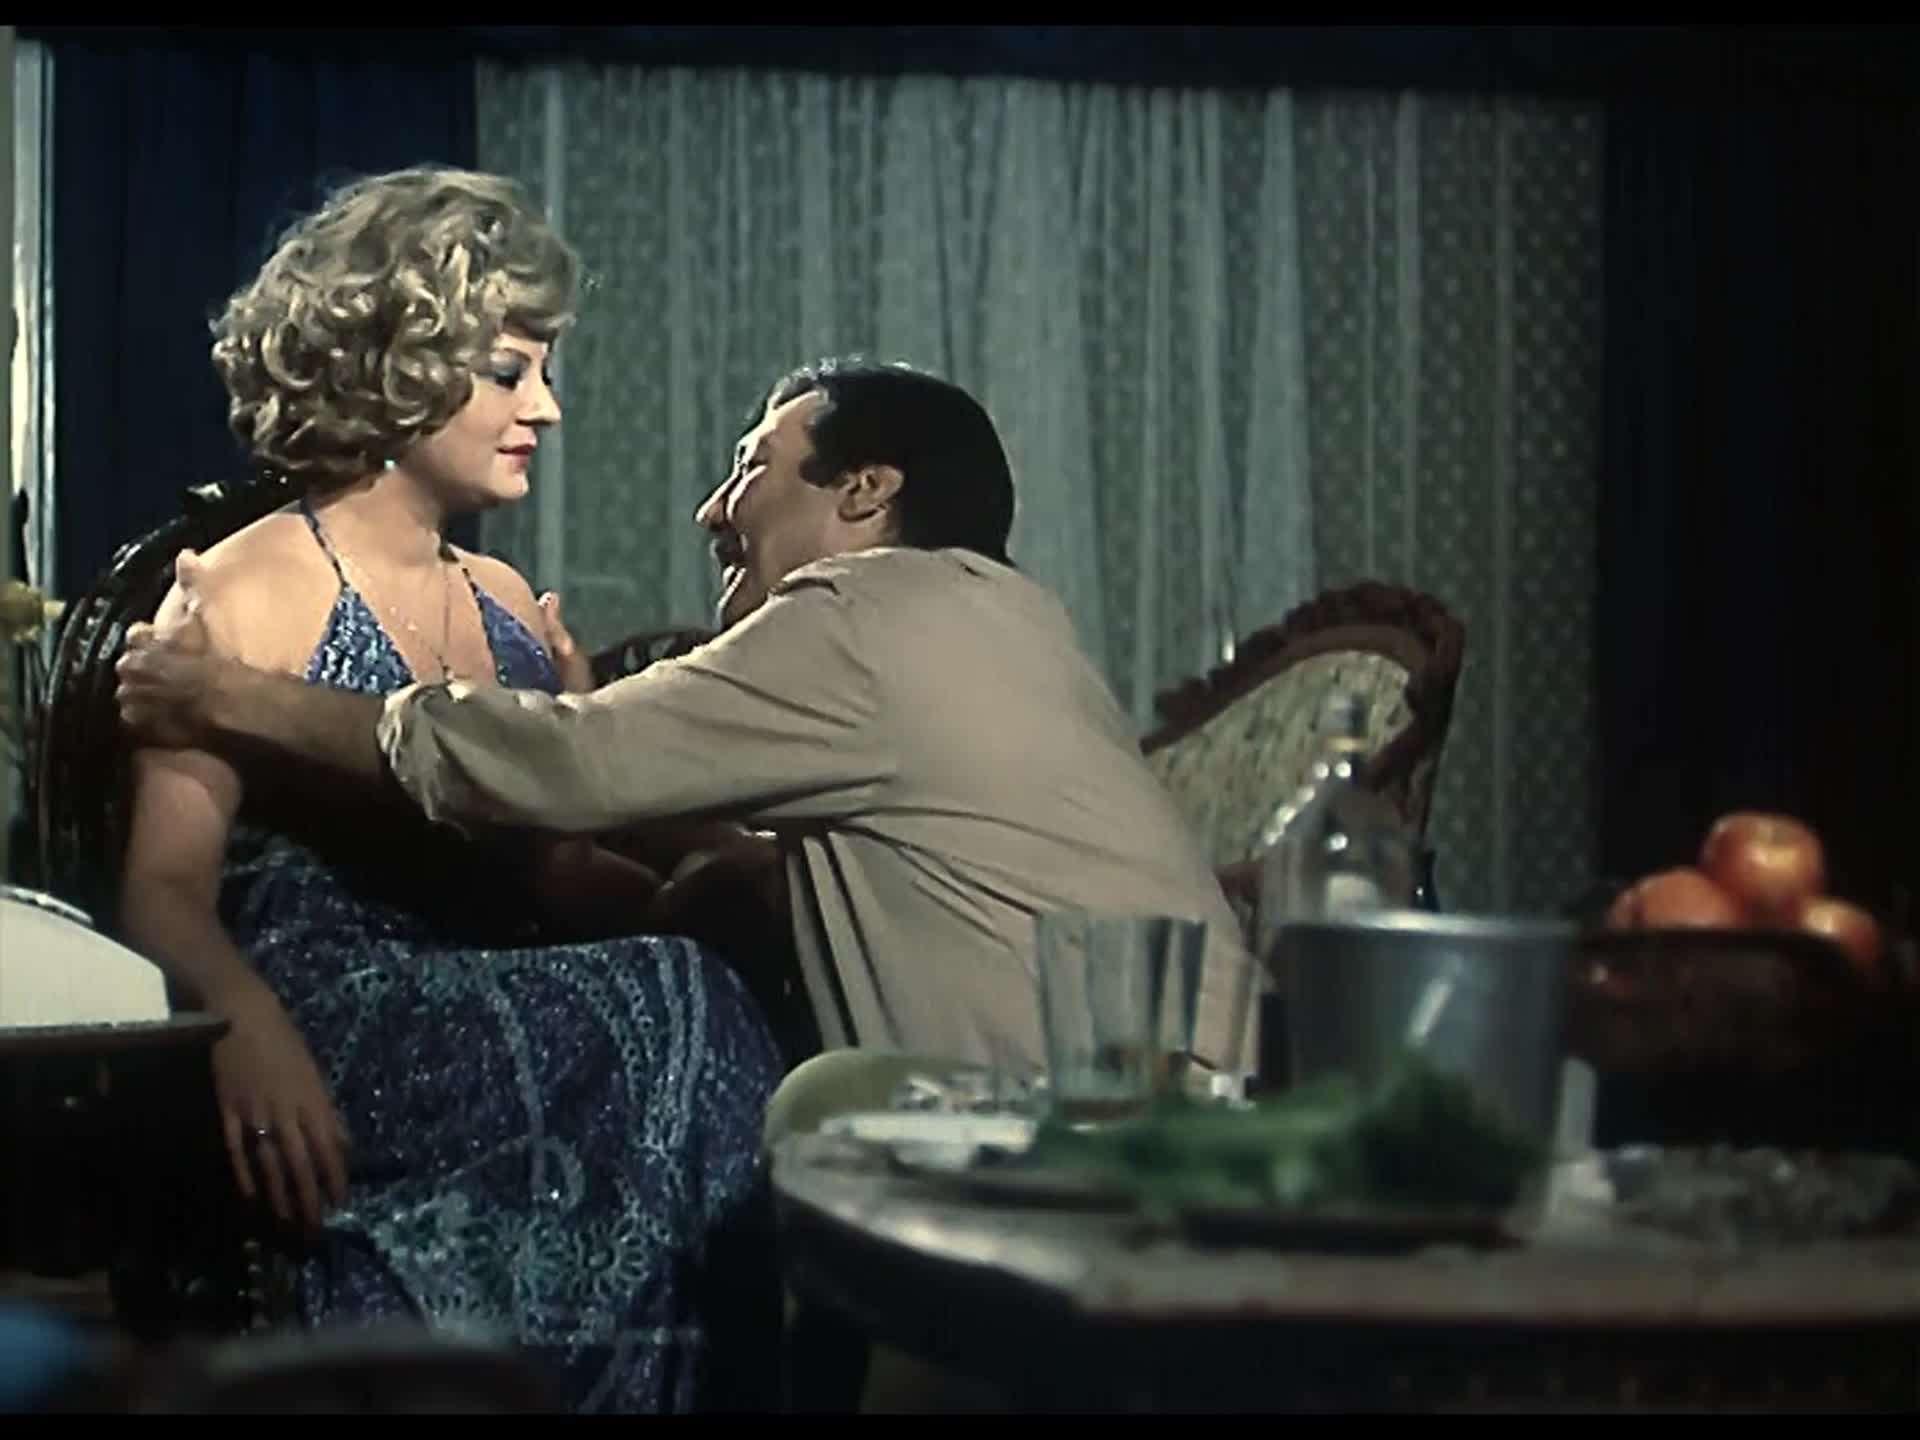 [فيلم][تورنت][تحميل][وراء الشمس][1978][1080p][Web-DL] 11 arabp2p.com